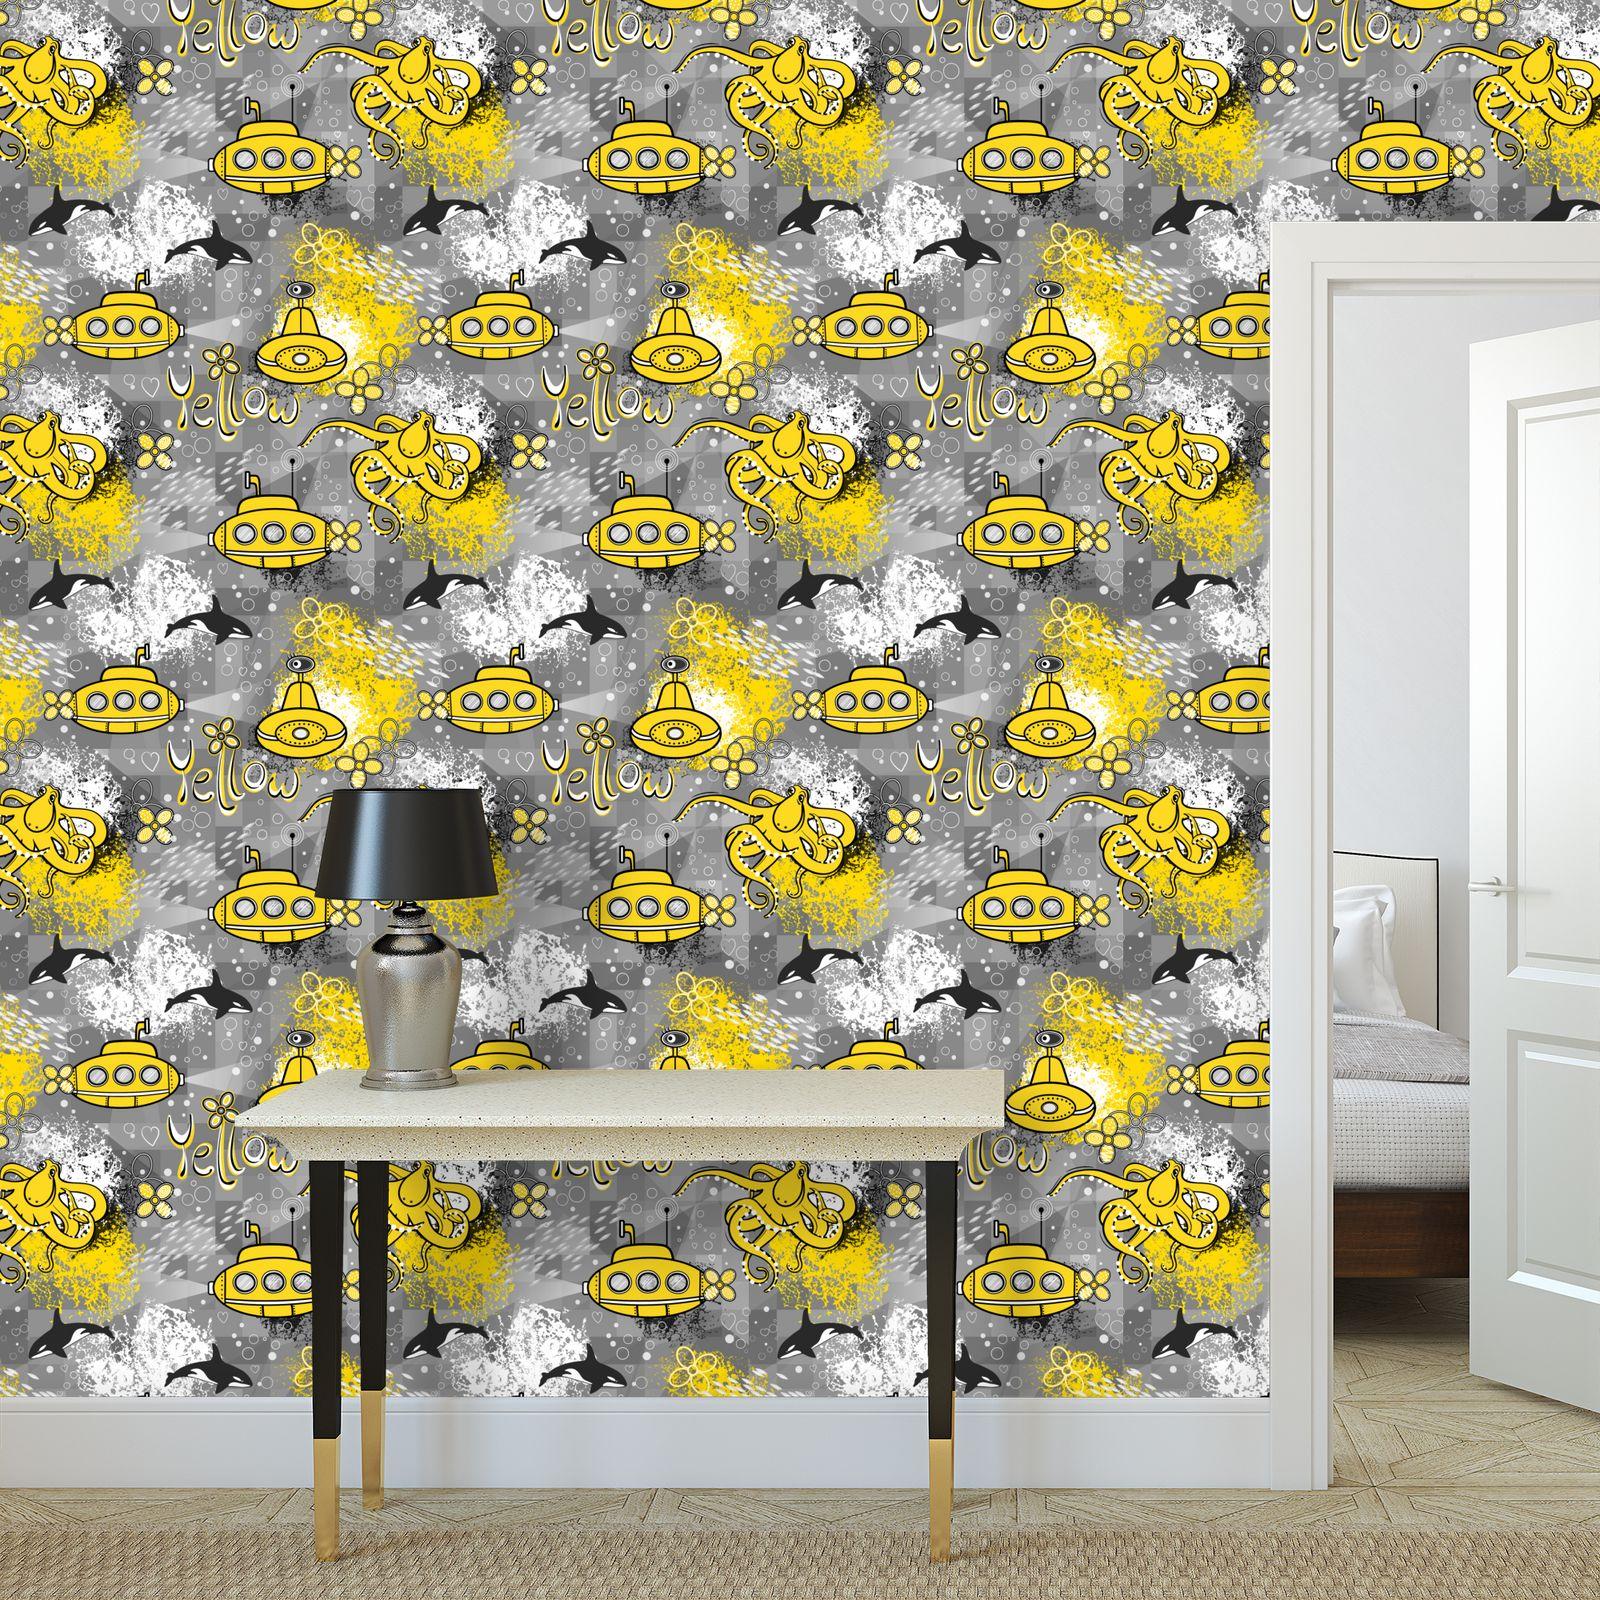 Yellow submarine - Wallpaper Rolls - kids, ocean, Children's, underwater adventure, octopus